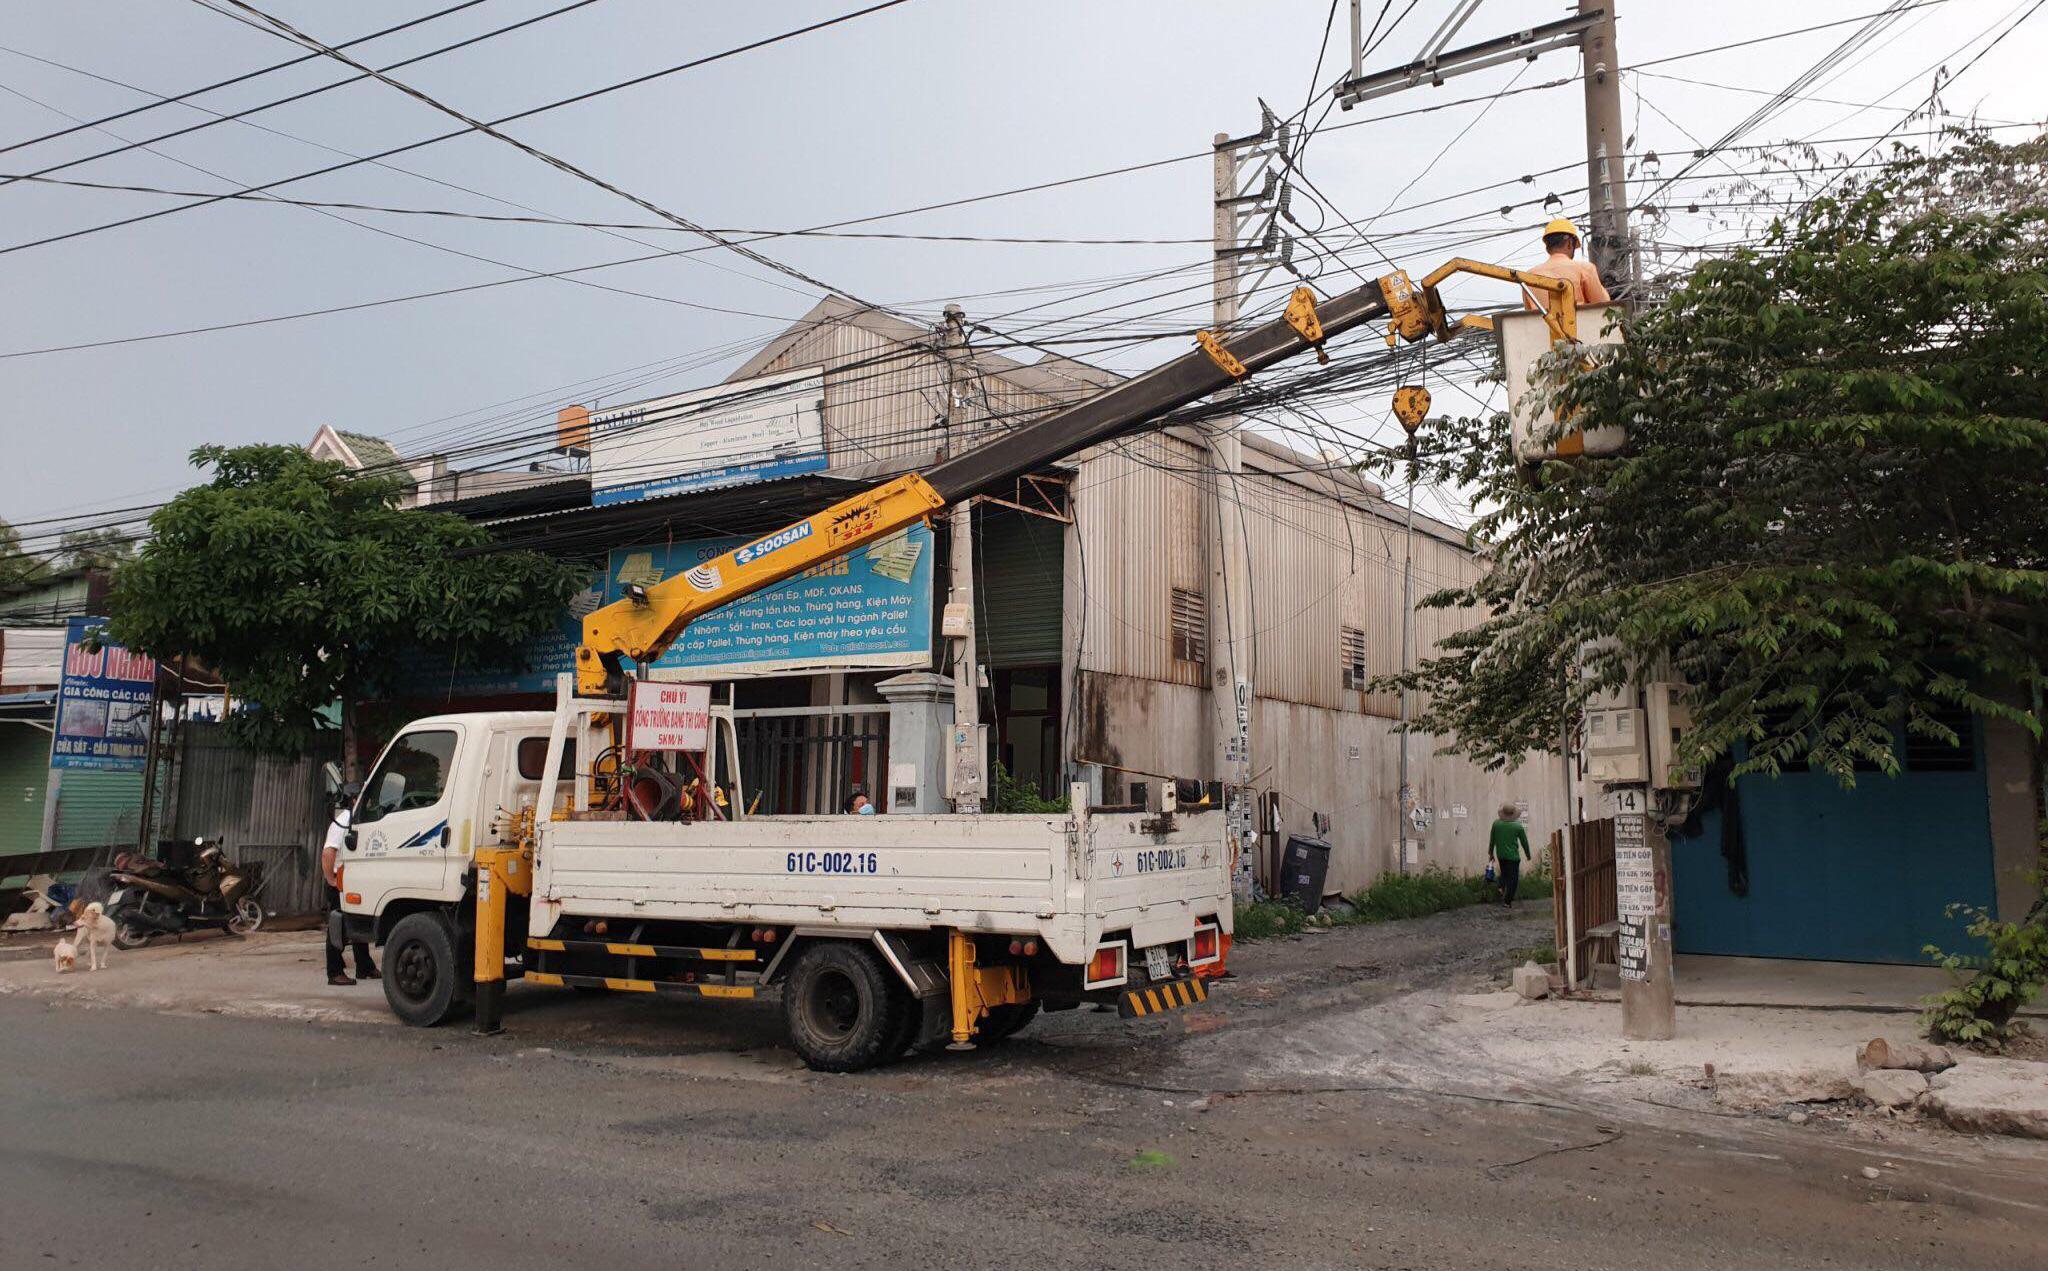 [HY HỮU] Dây điện rơi xuống đường sau khi cháy, một người đàn ông bị giật chết